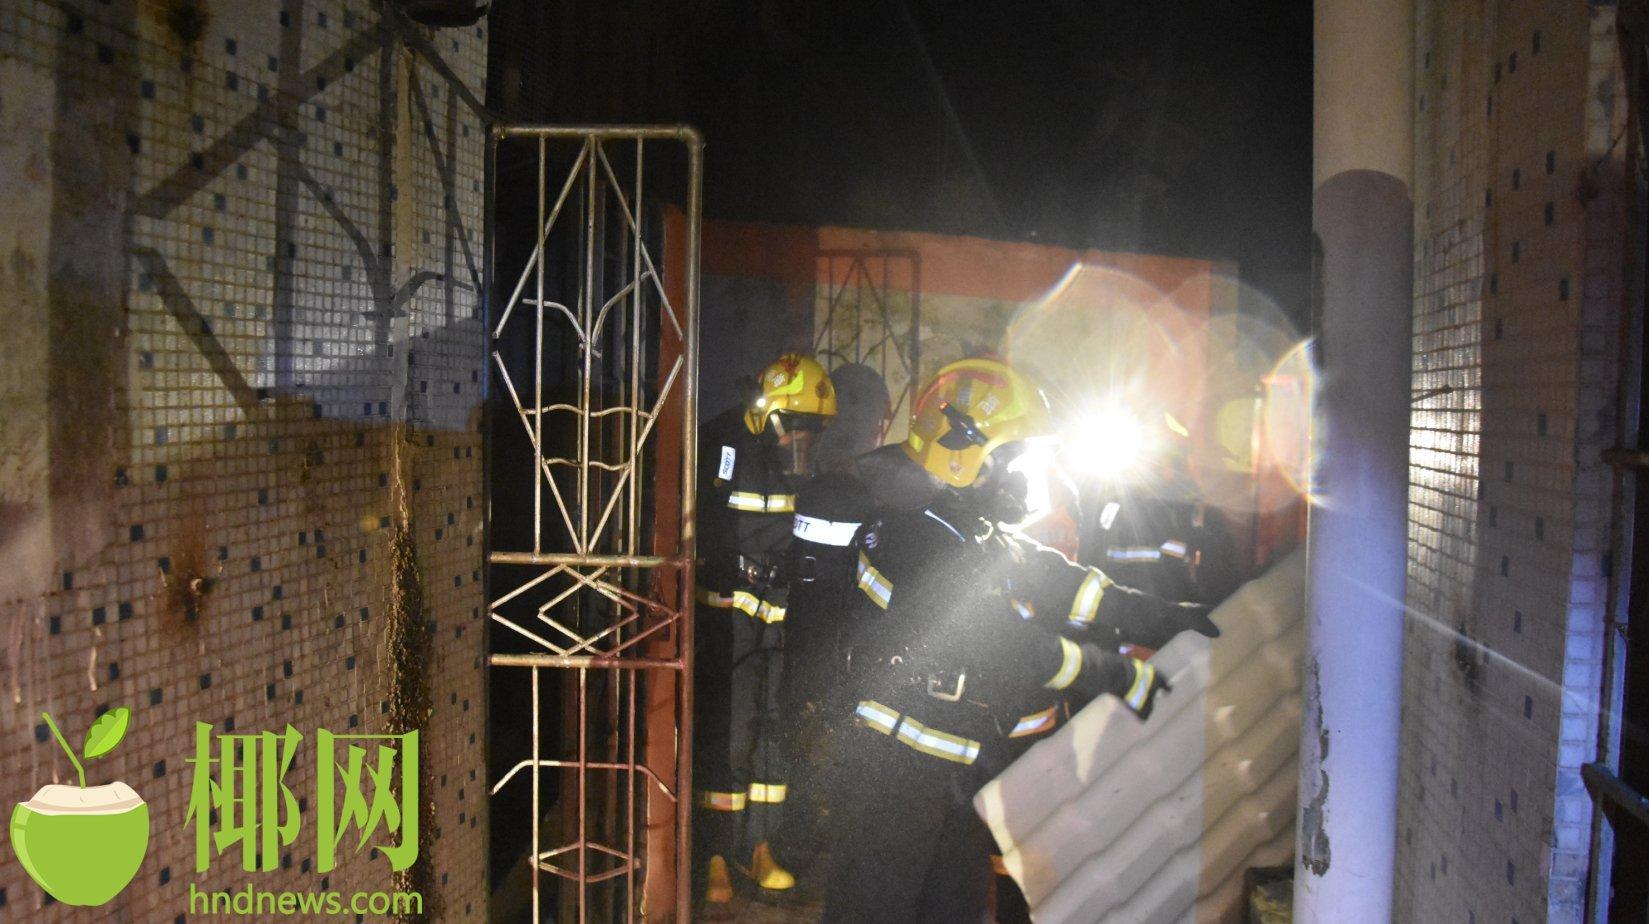 琼中一住宅区着火,被困男子持刀将自己反锁屋内,119破门后看到锤、斧…